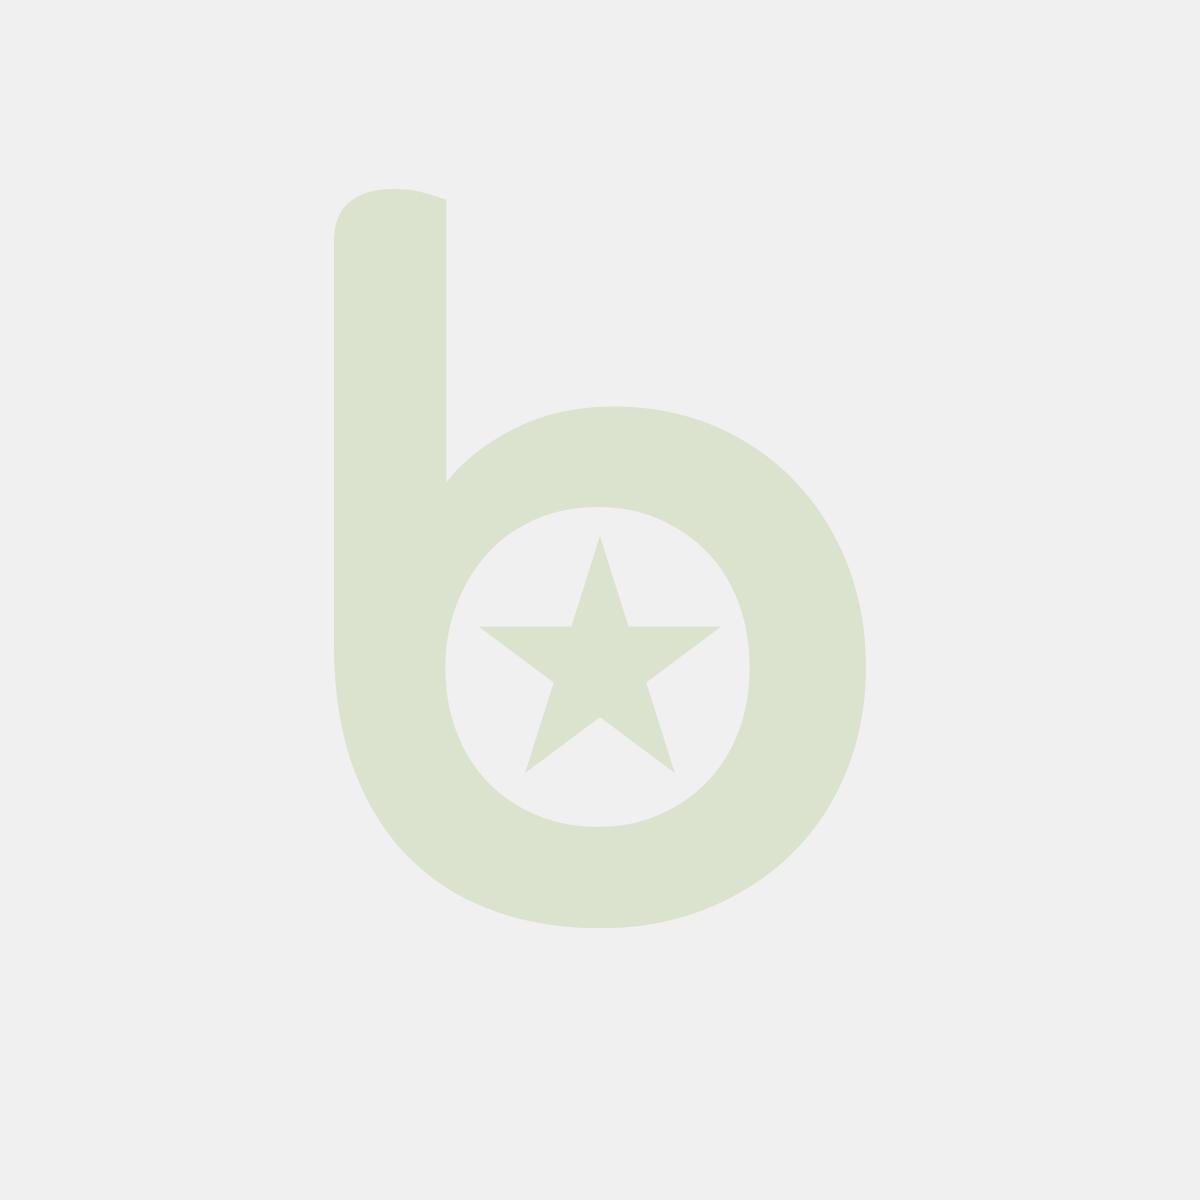 Pokrywka GN 1/9 Budget Line - Kod 800874